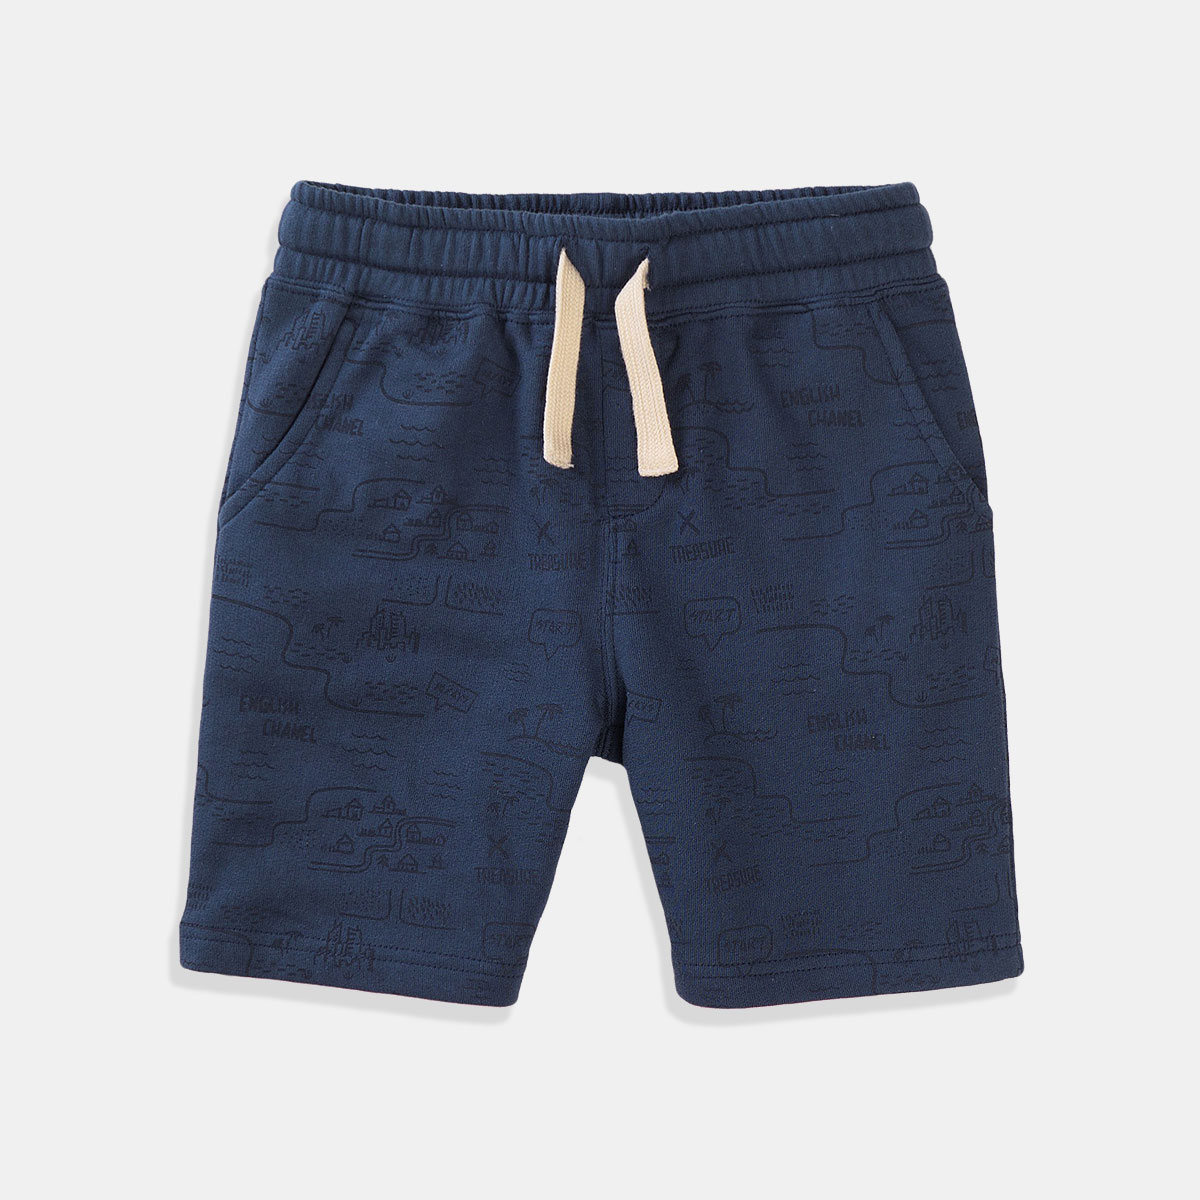 Къси сини панталони за момче